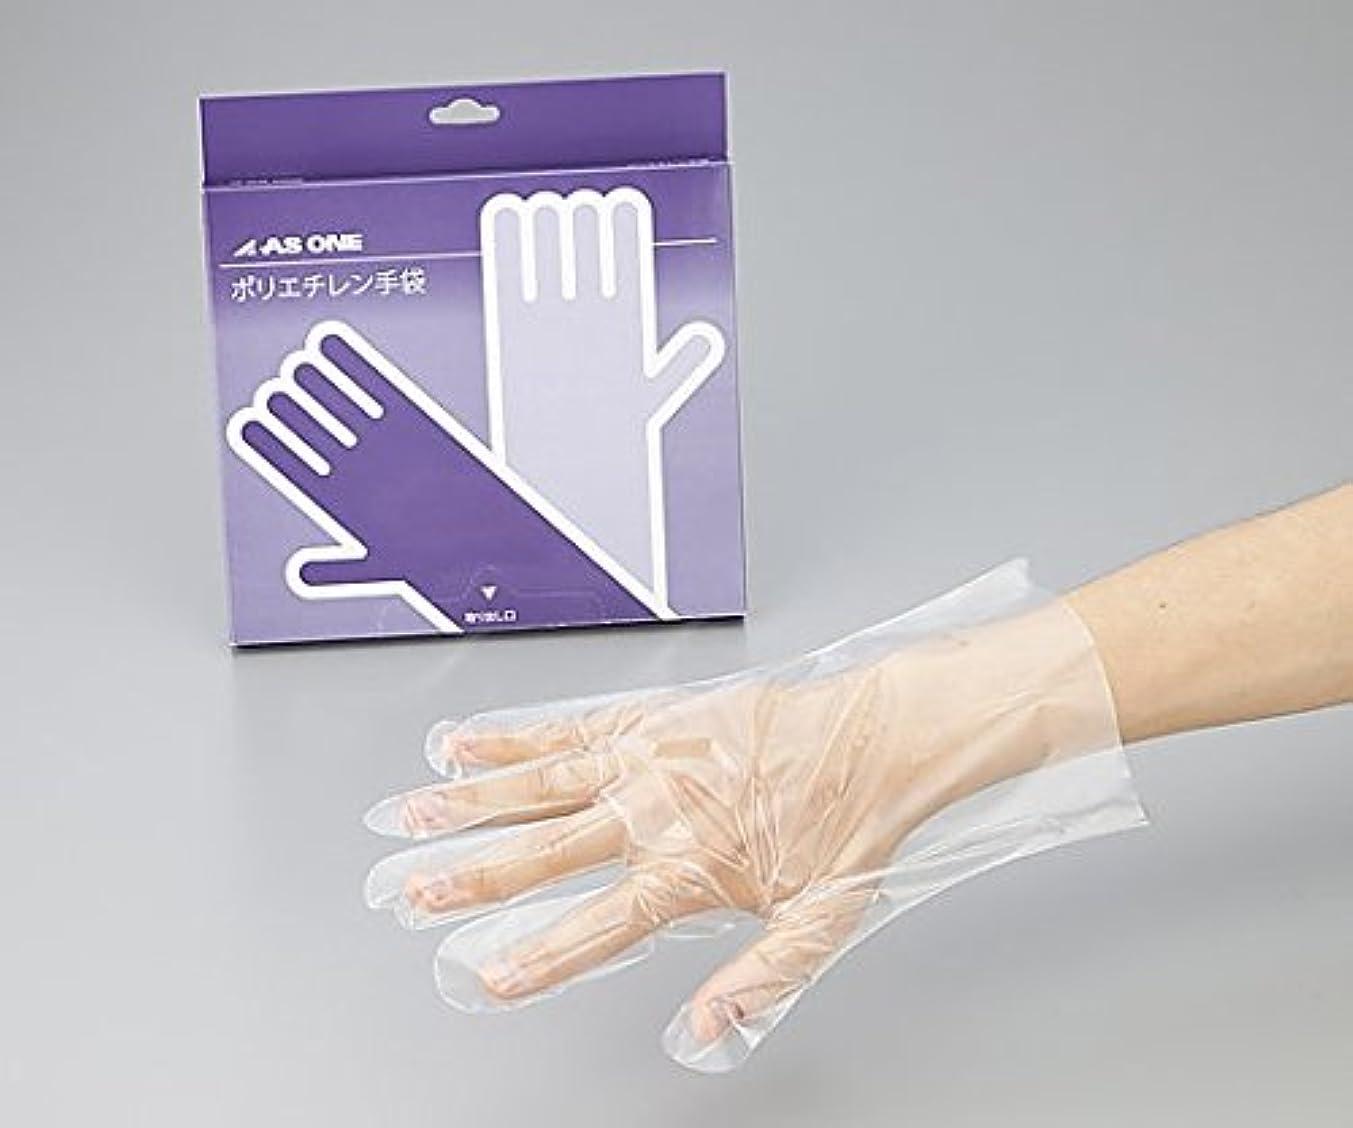 アズワン2-4977-03ポリエチレン手袋ヘビー厚手エンボス付S100枚入